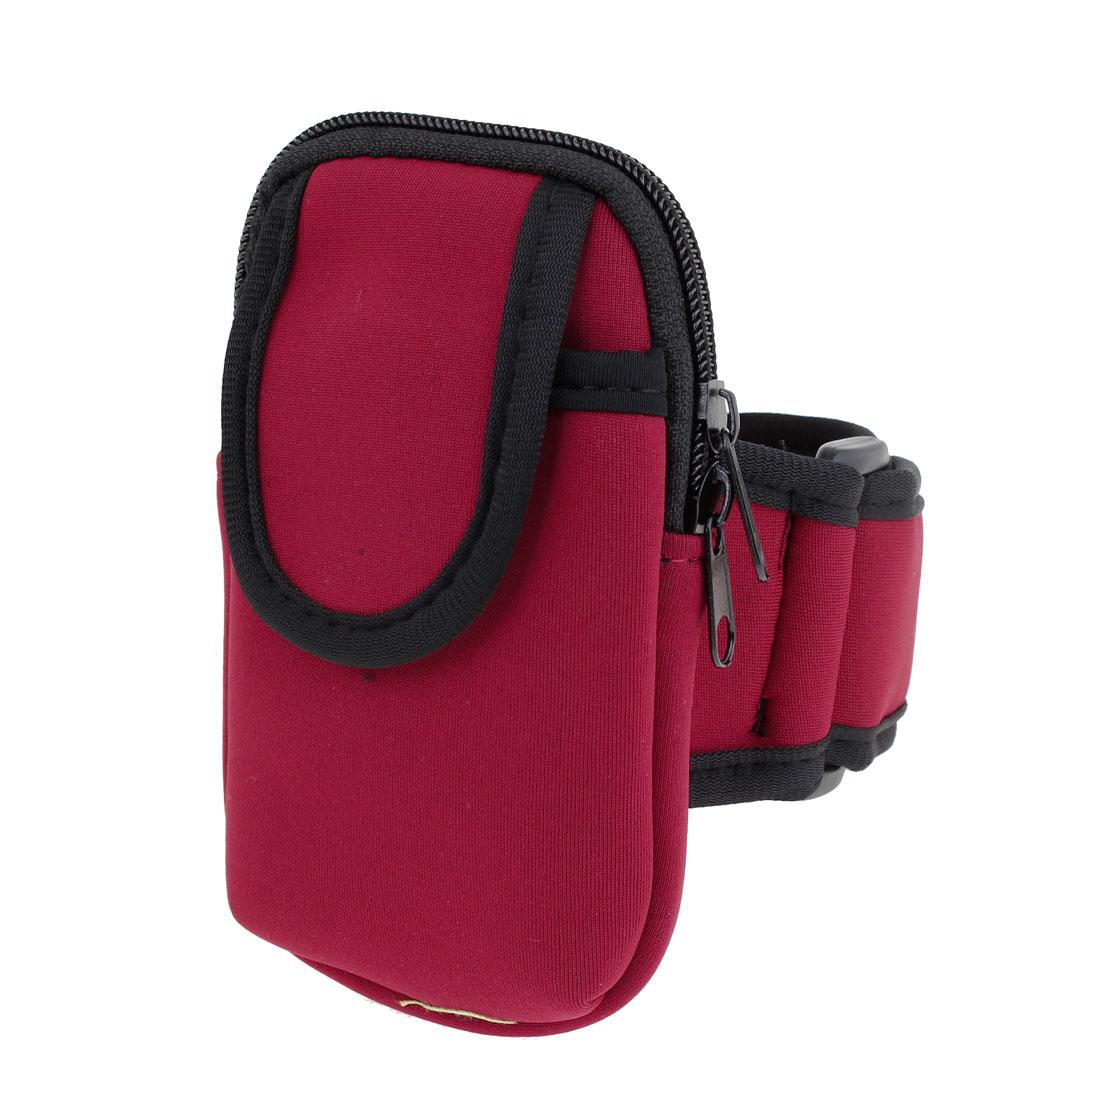 Black Red Hook Loop Fastener Phone Holder Arm Bag Protector